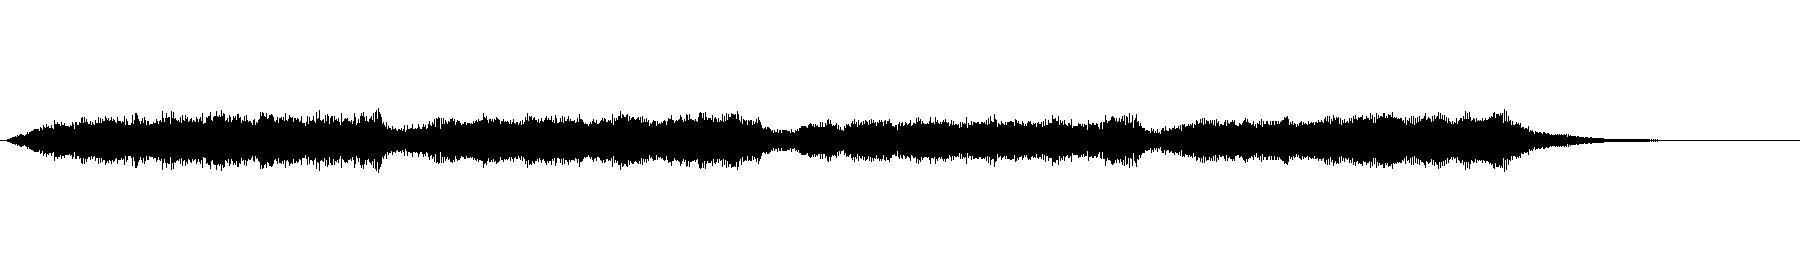 choir brass 128bpm d minor